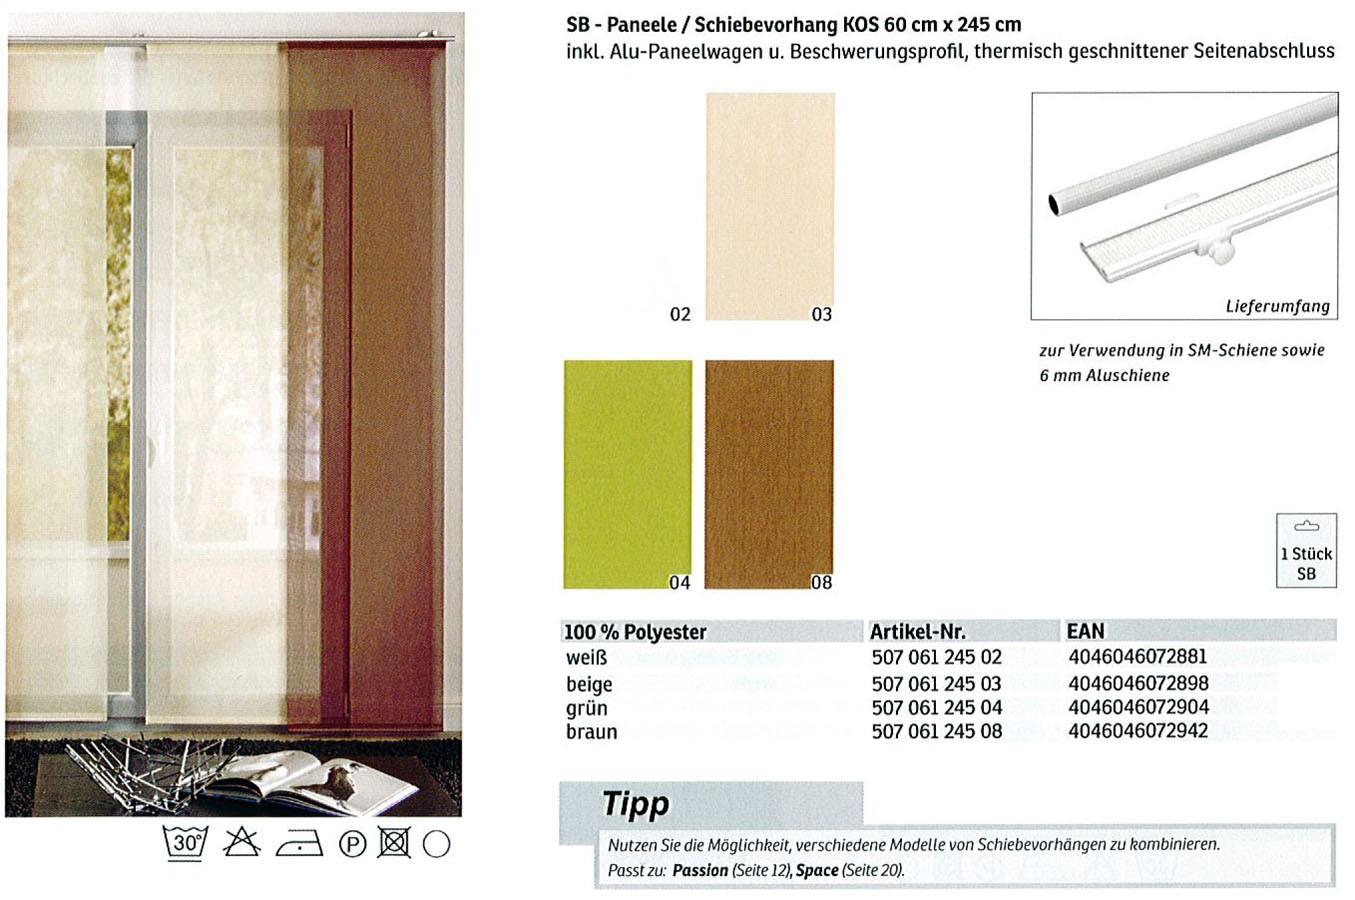 SB-Paneele / Schiebevorhang Kos braun 60x245 cm